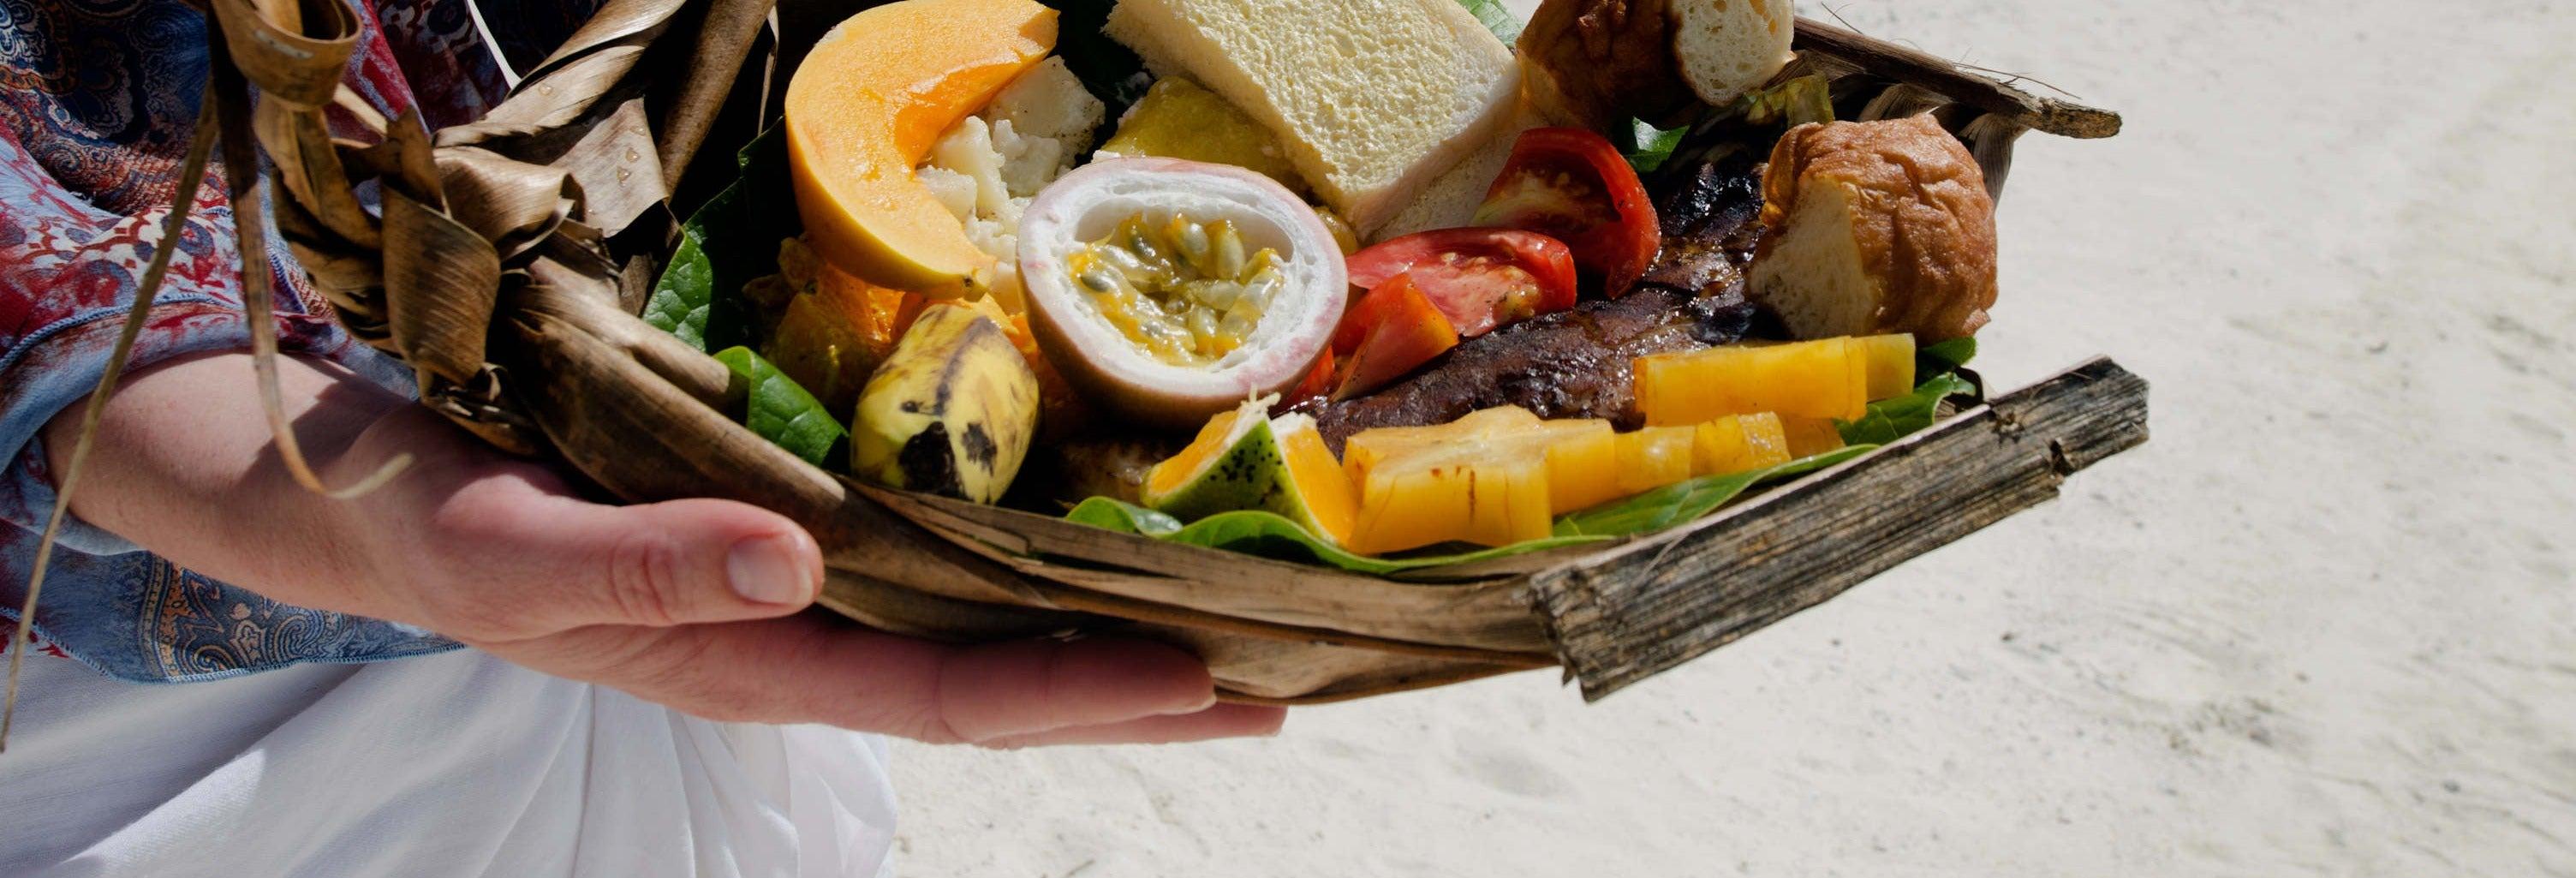 Cena tradicional en Rarotonga